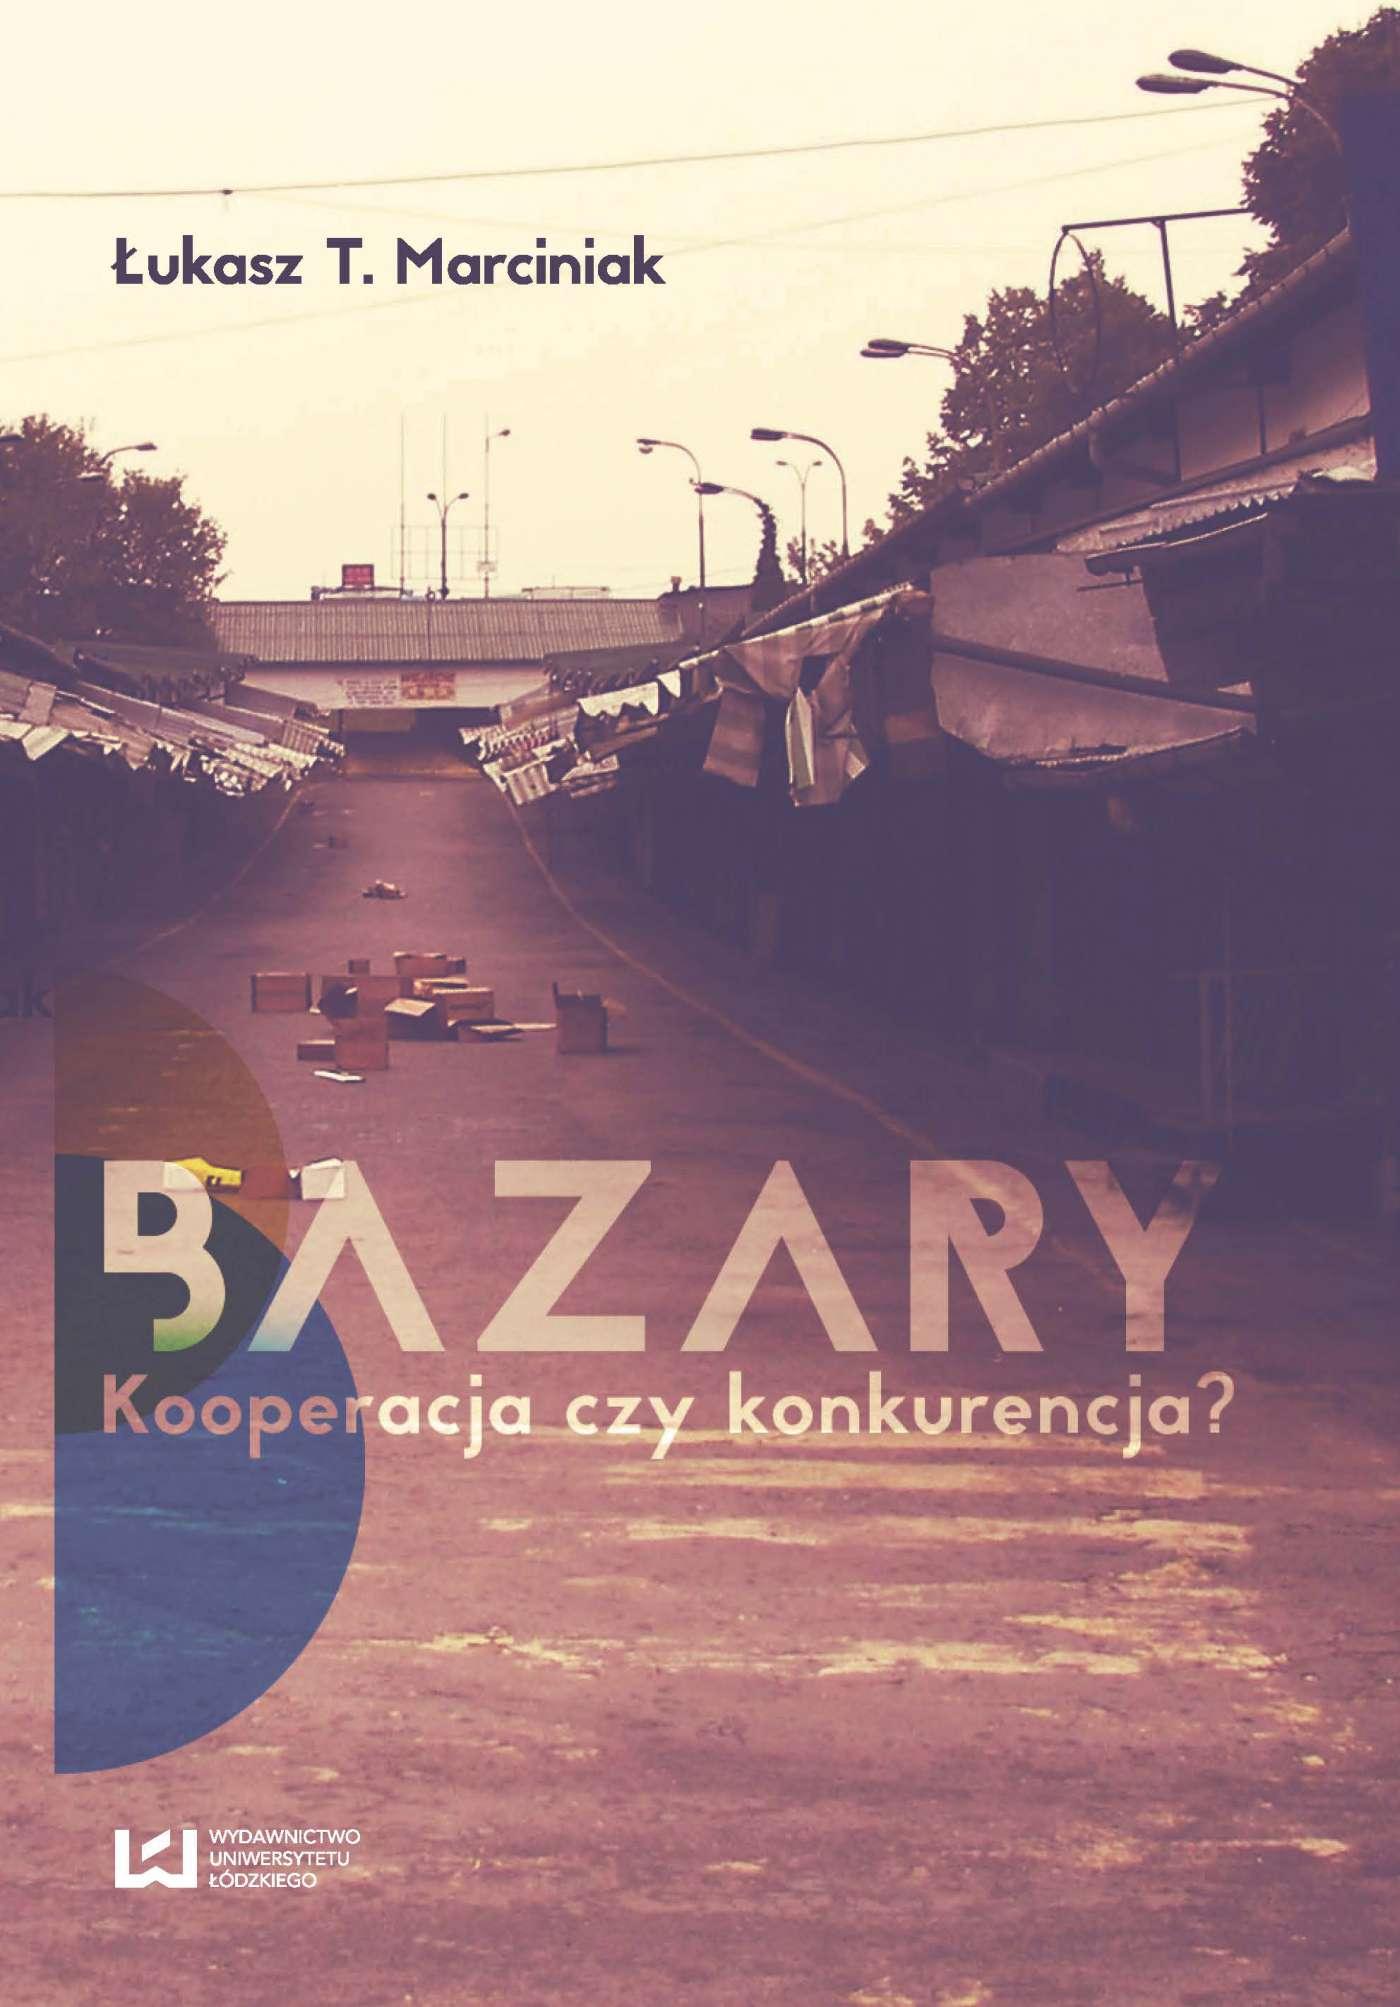 Bazary. Kooperacja czy konkurencja? - Ebook (Książka PDF) do pobrania w formacie PDF